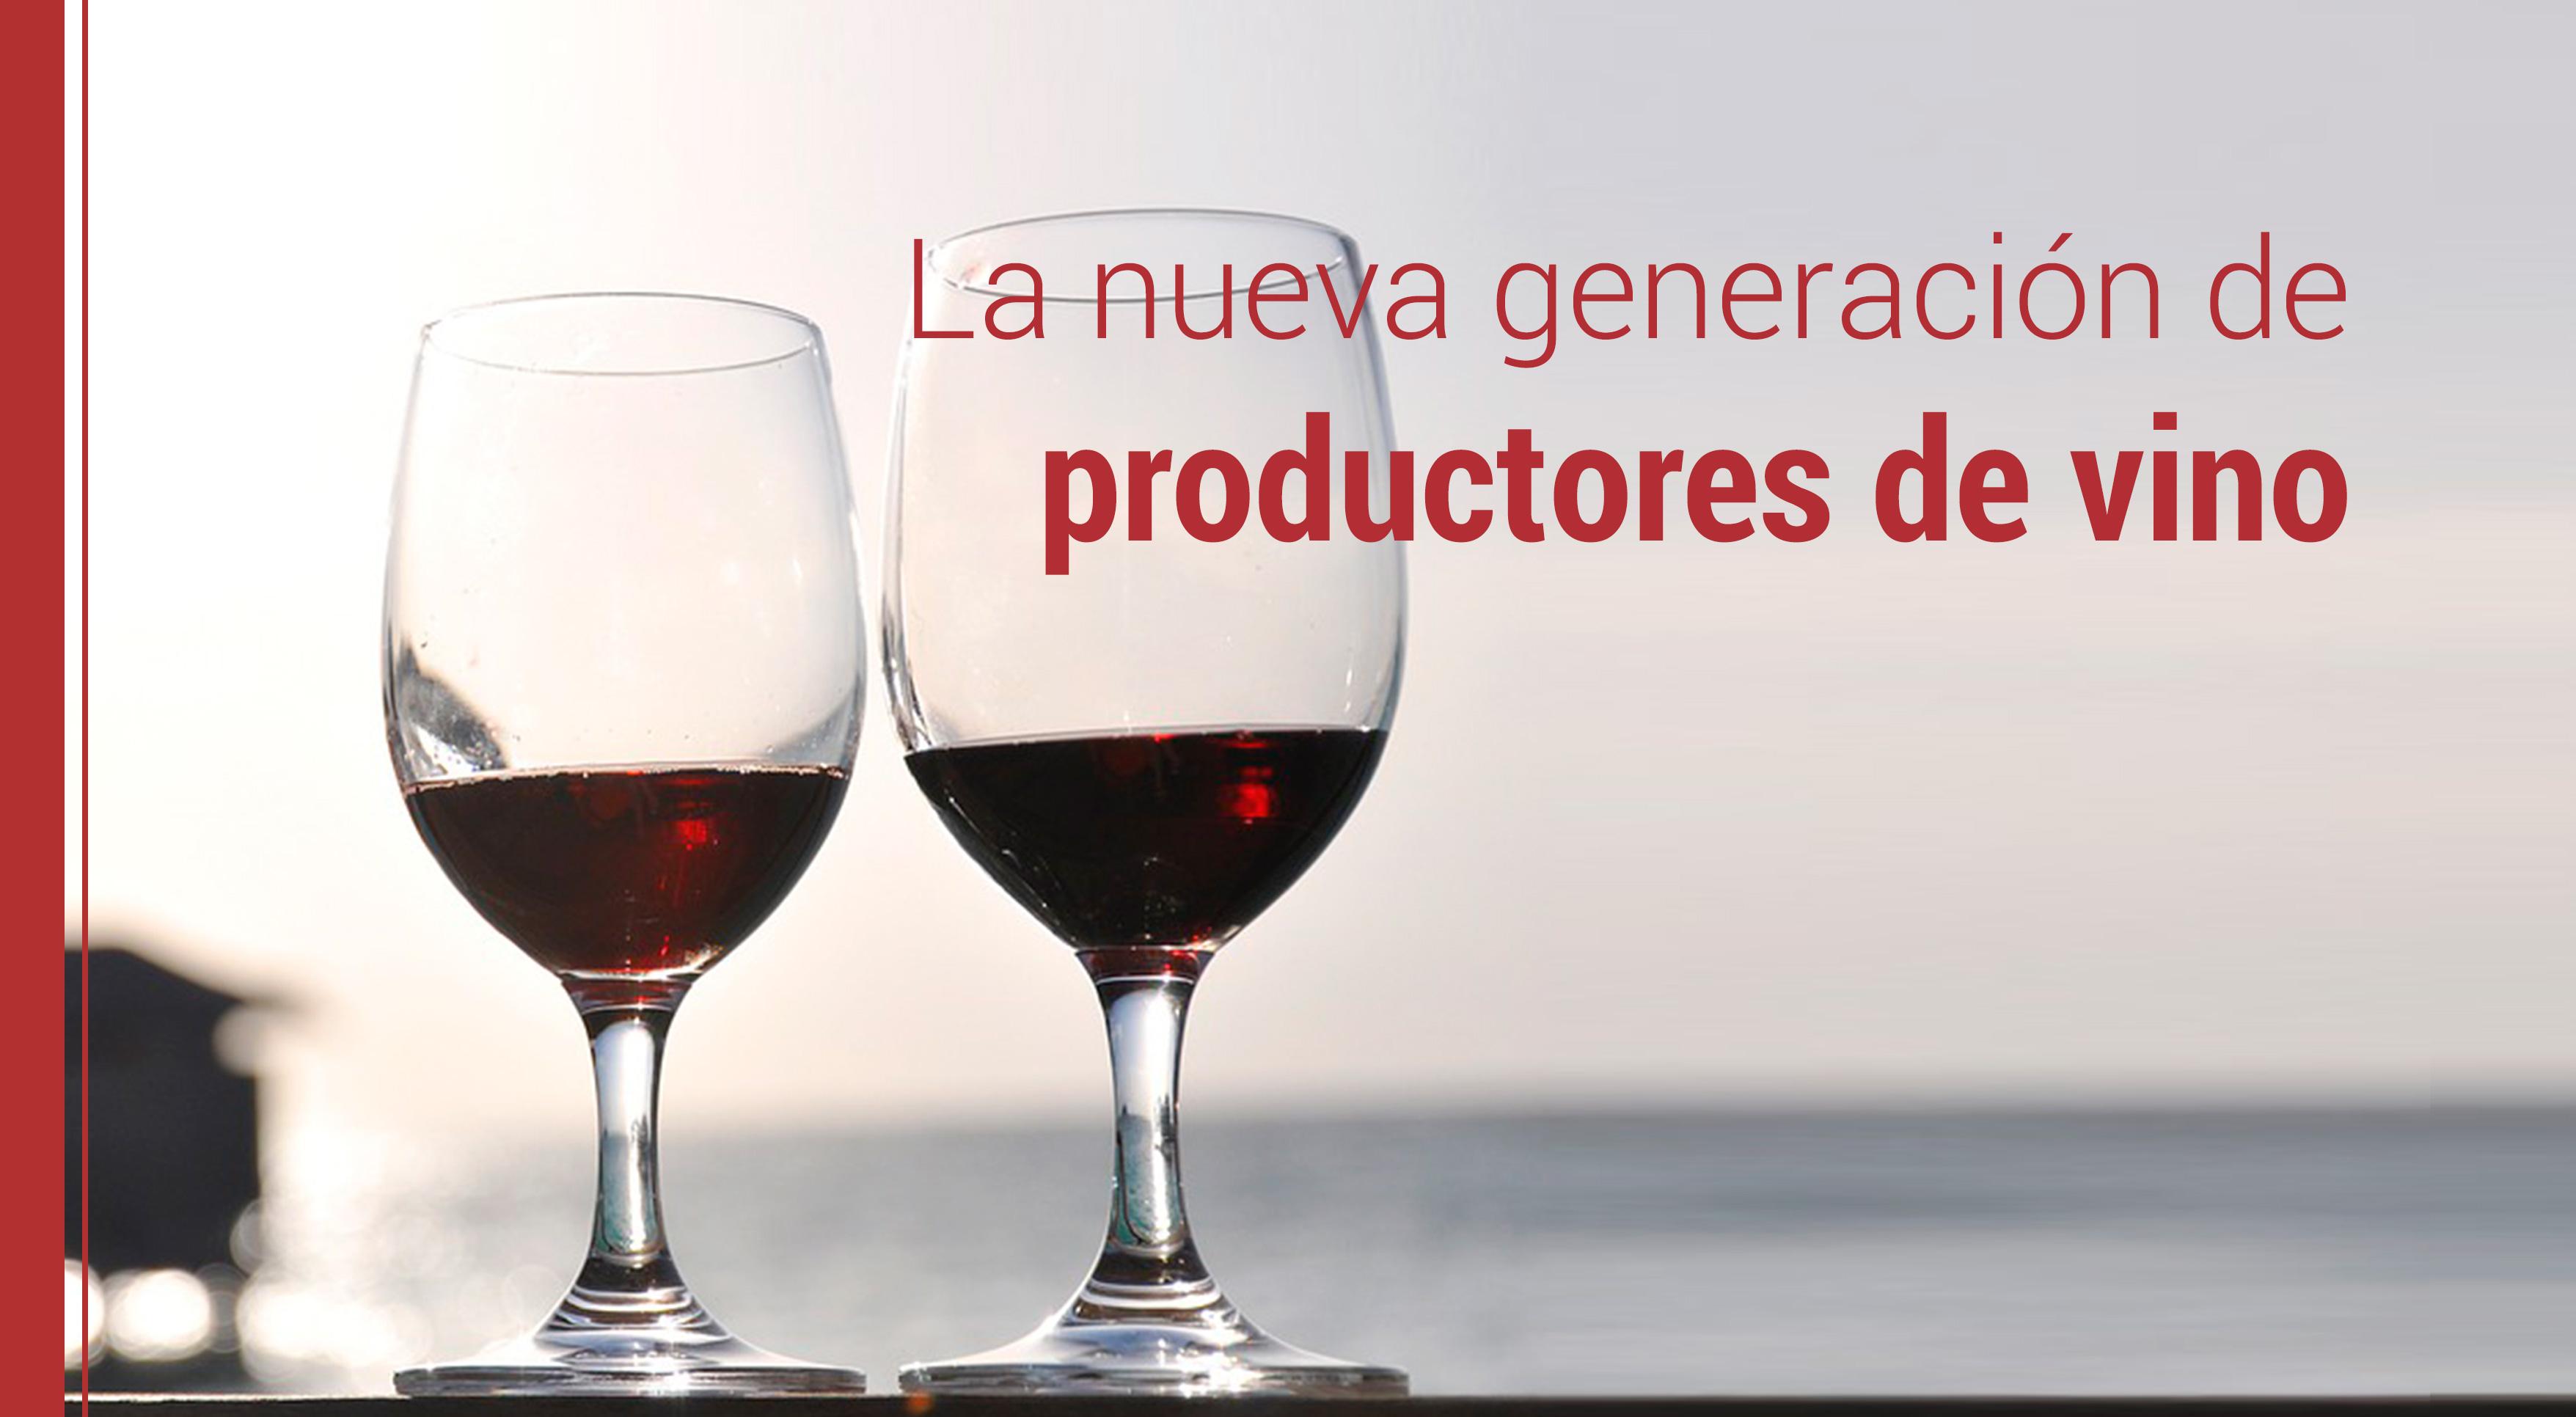 nueva-generacion-productores-de-vino Los Viñadores: la nueva generación de productores de vino